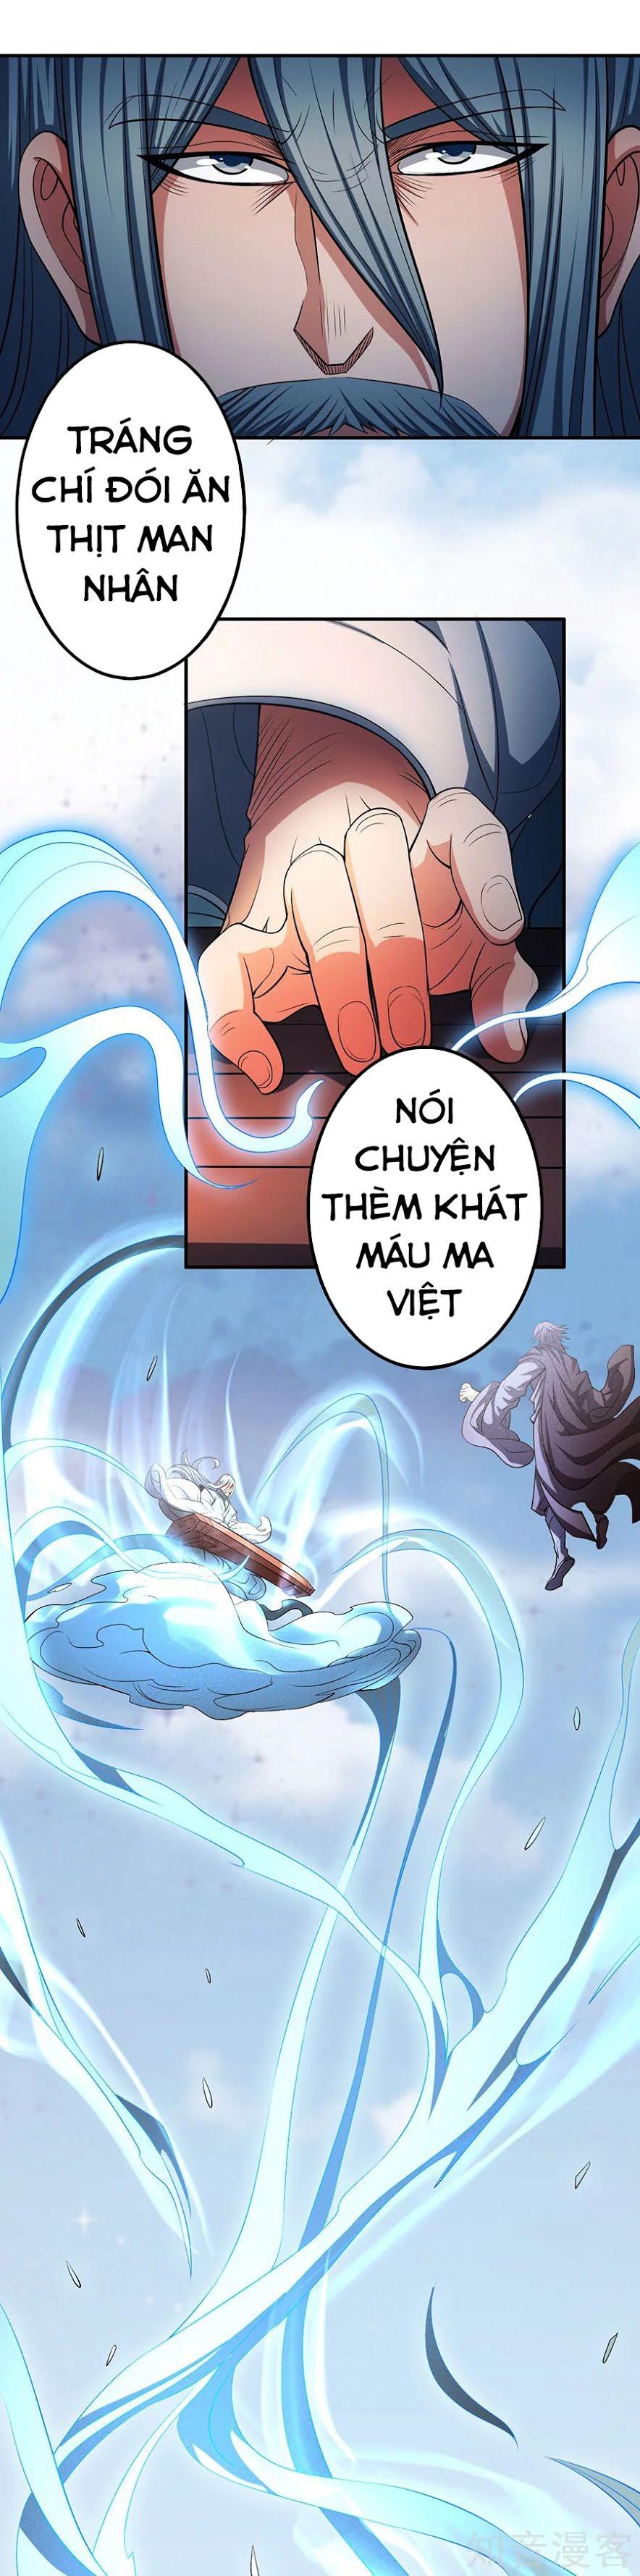 Tuyệt Thế Võ Thần chap 290 - Trang 14